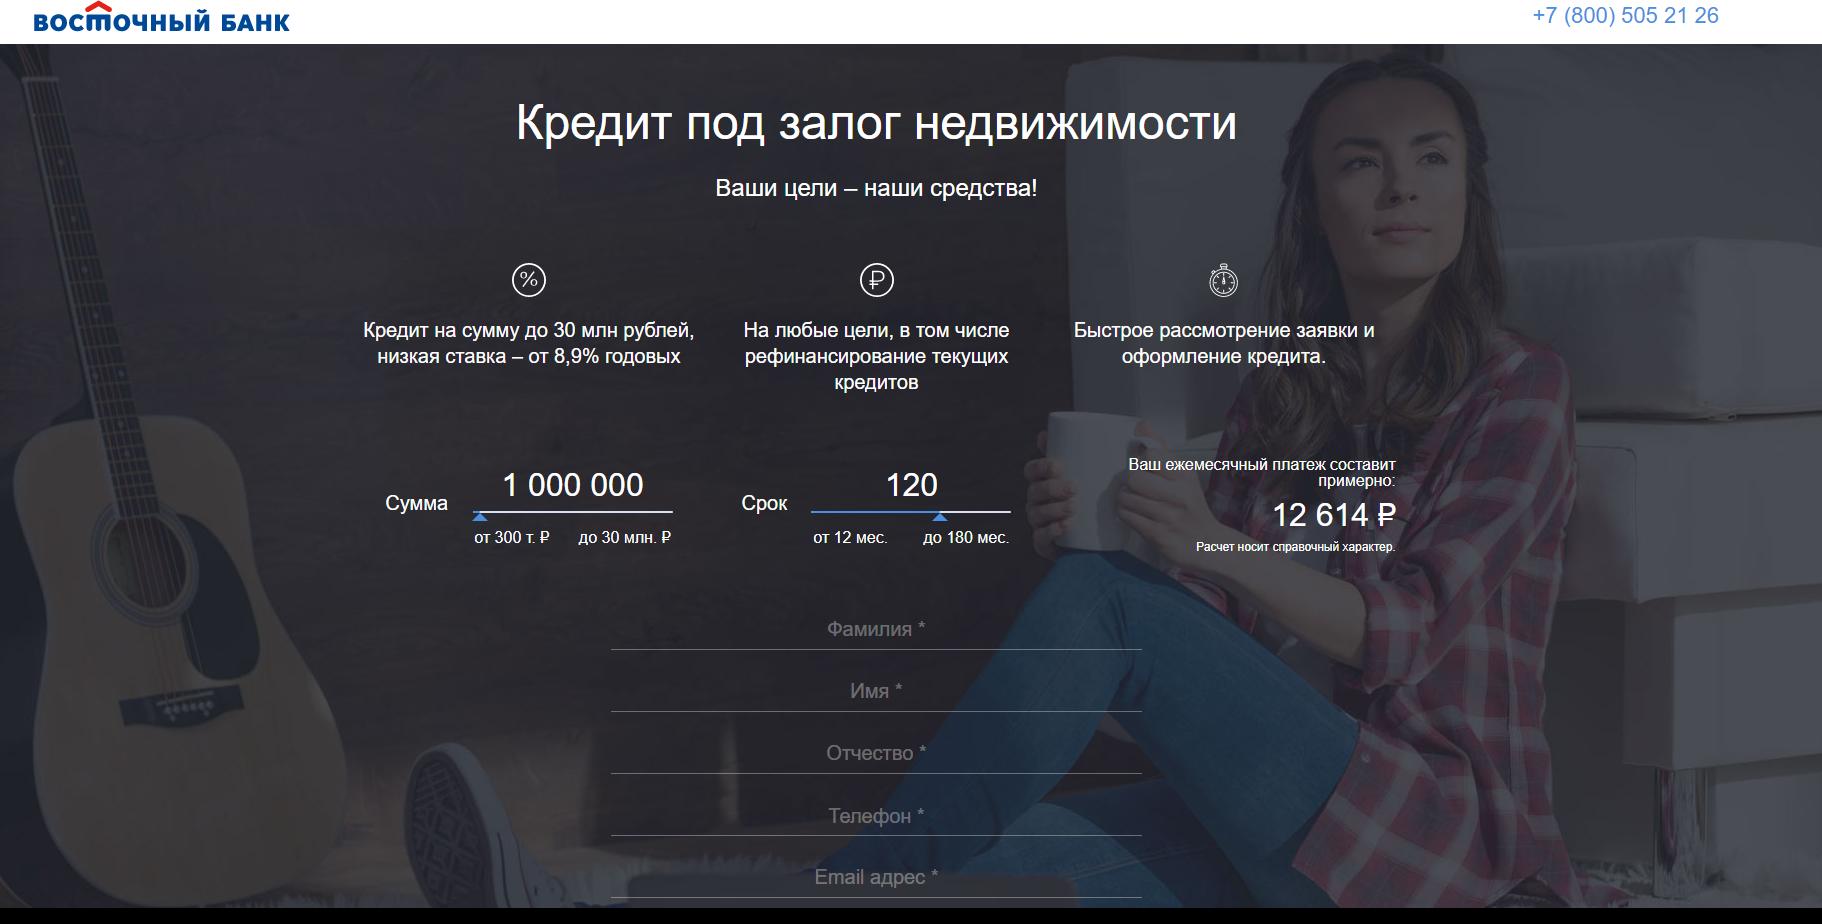 bank-vostochnyj-kredit-pod-zalog-nedvizhimosti_7